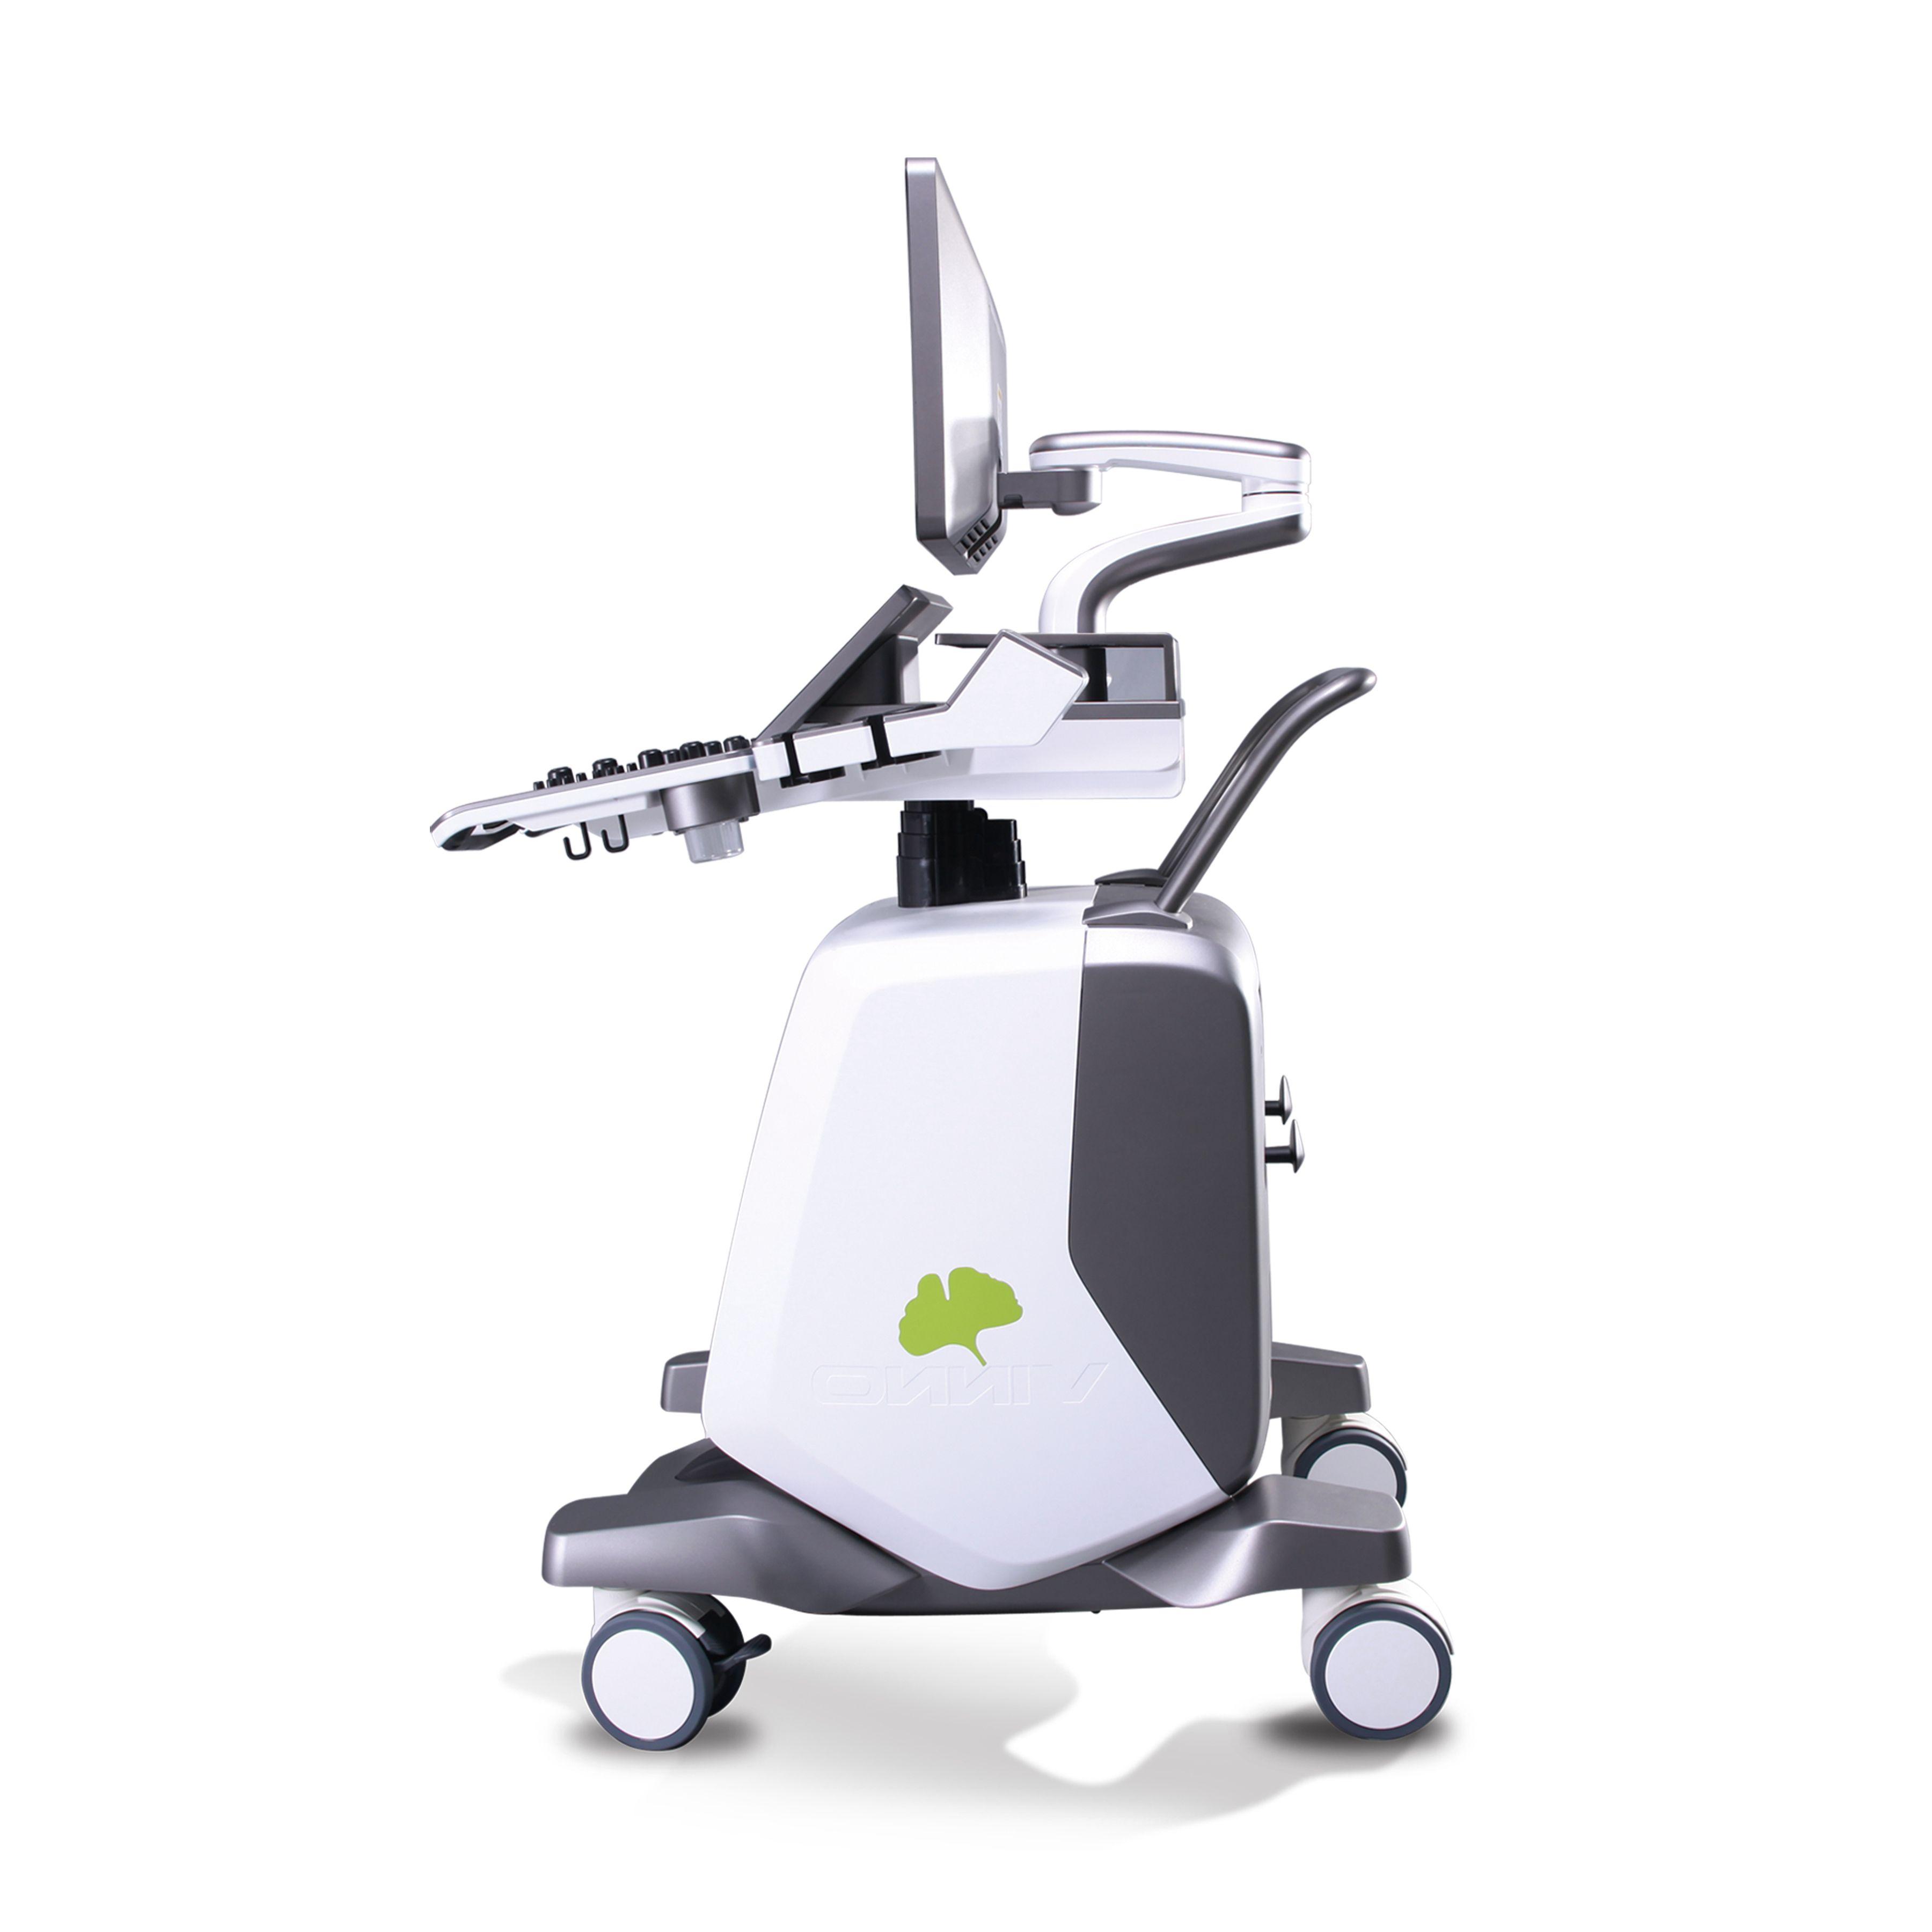 Vinno G80 Medical Design Medical Medical Equipment